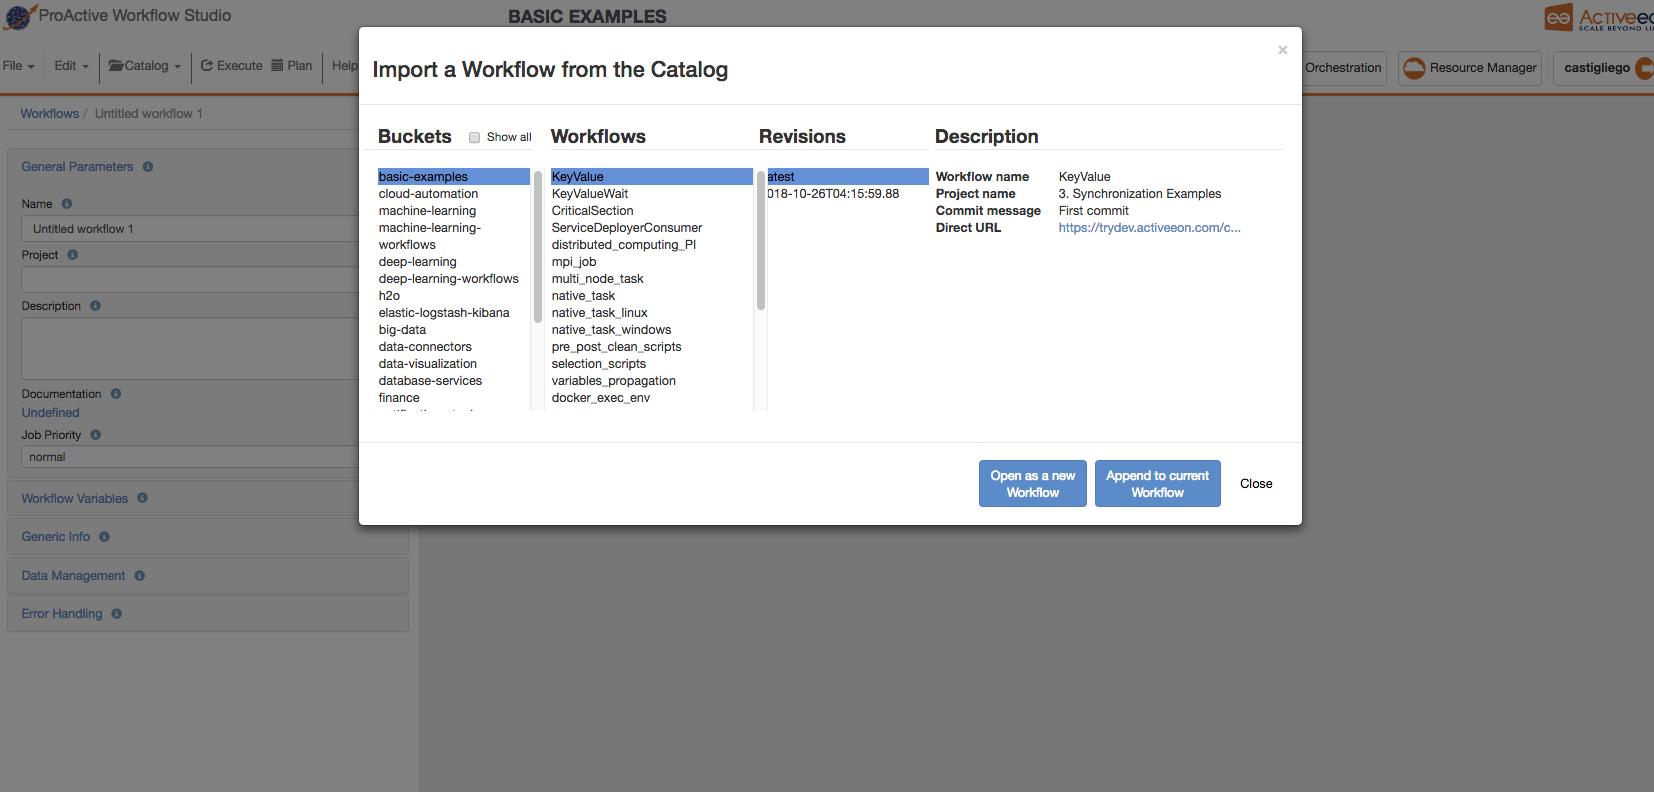 src/docs/images/studio_catalog_menu.png